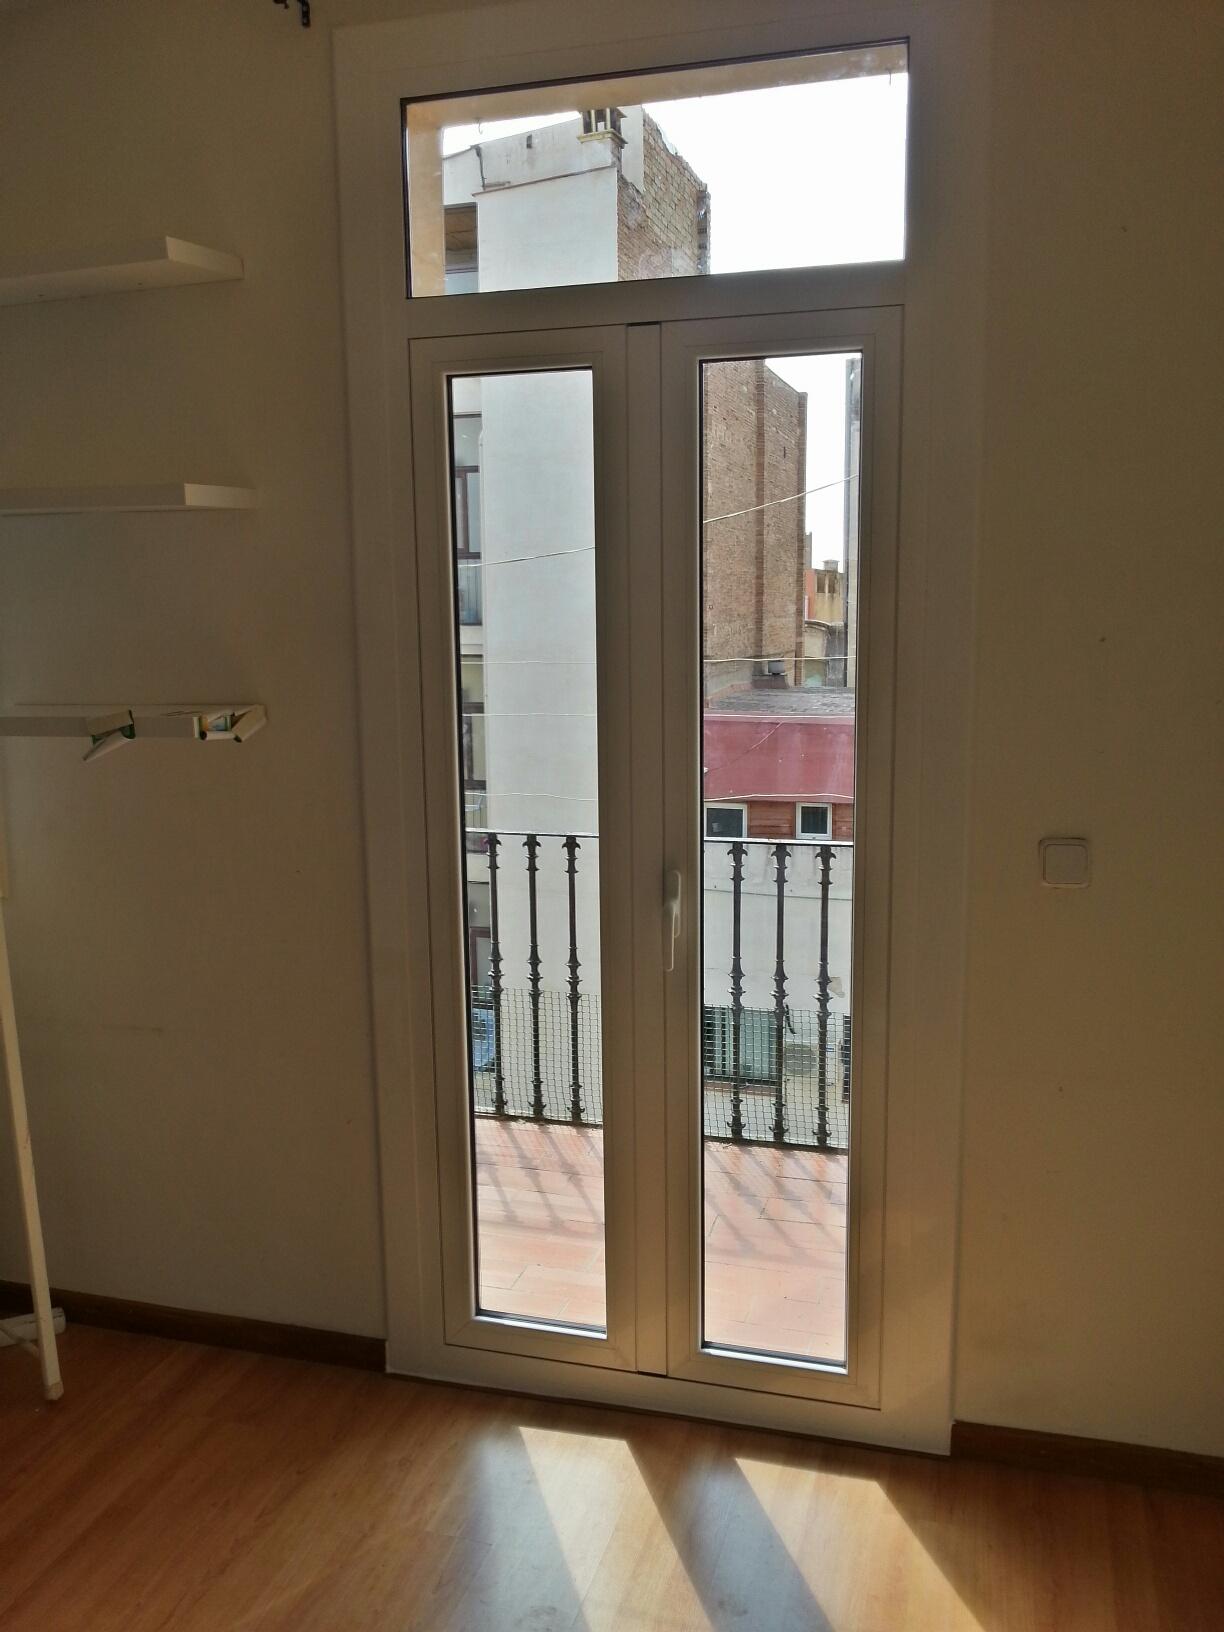 Puertas De Aluminio Para Baño Interior:Puerta de aluminio bicolor apertura externa con rotura de puente